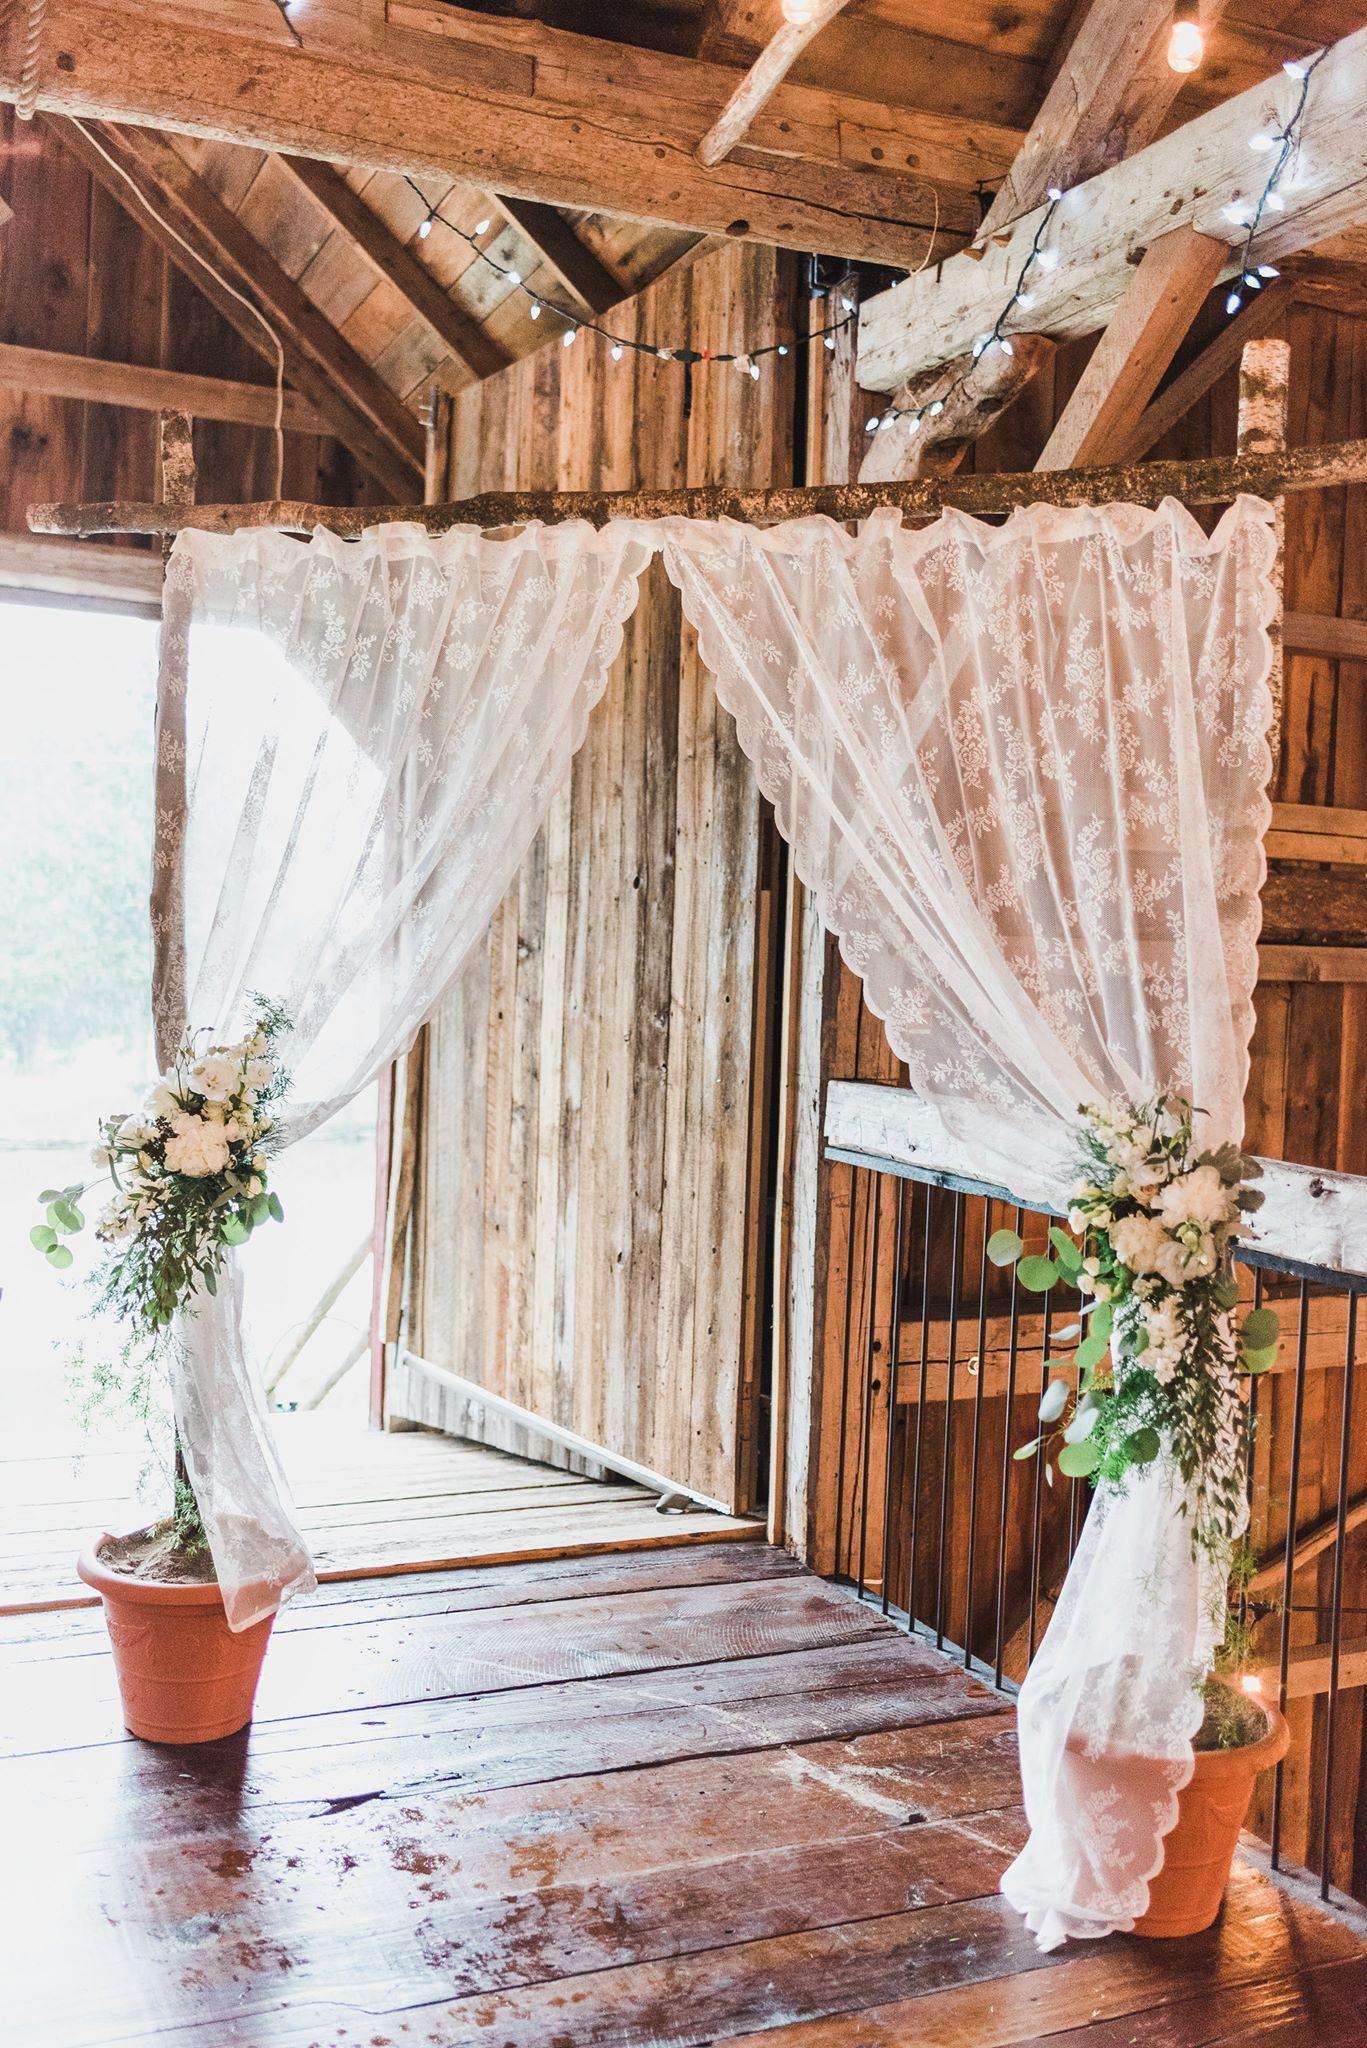 Arche De Mariage Fait Maison Decoration Table Mariage Champetre Table Mariage Champetre Decoration Mariage Champetre